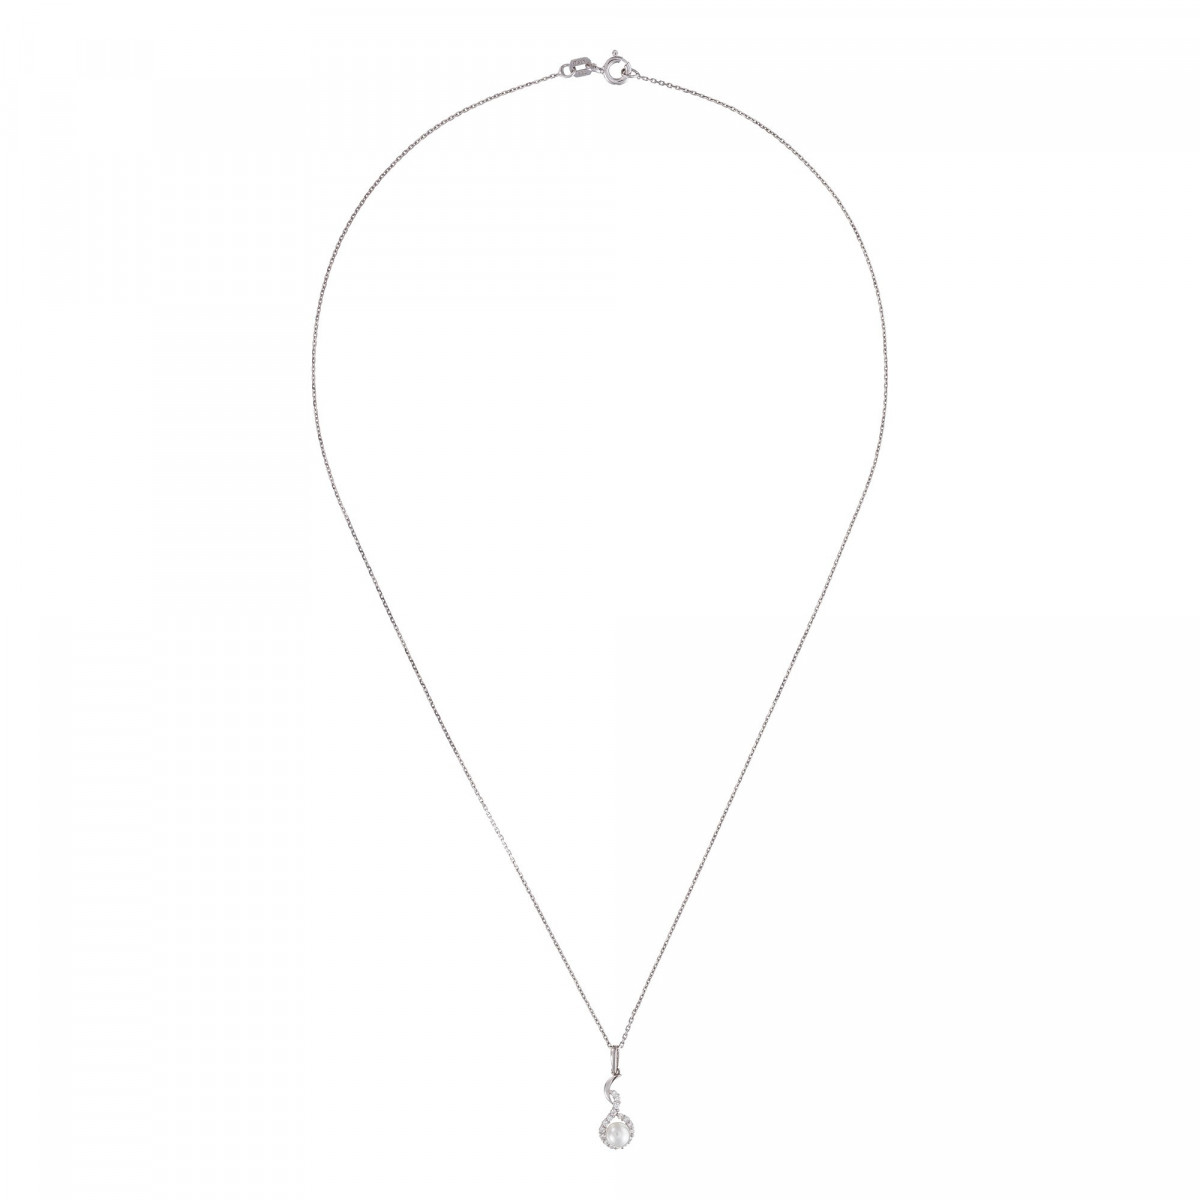 """Pendentif Or Blanc, perle de culture blanche et oxydes de zirconium  """"Voilé"""" + chaîne argent offerte"""